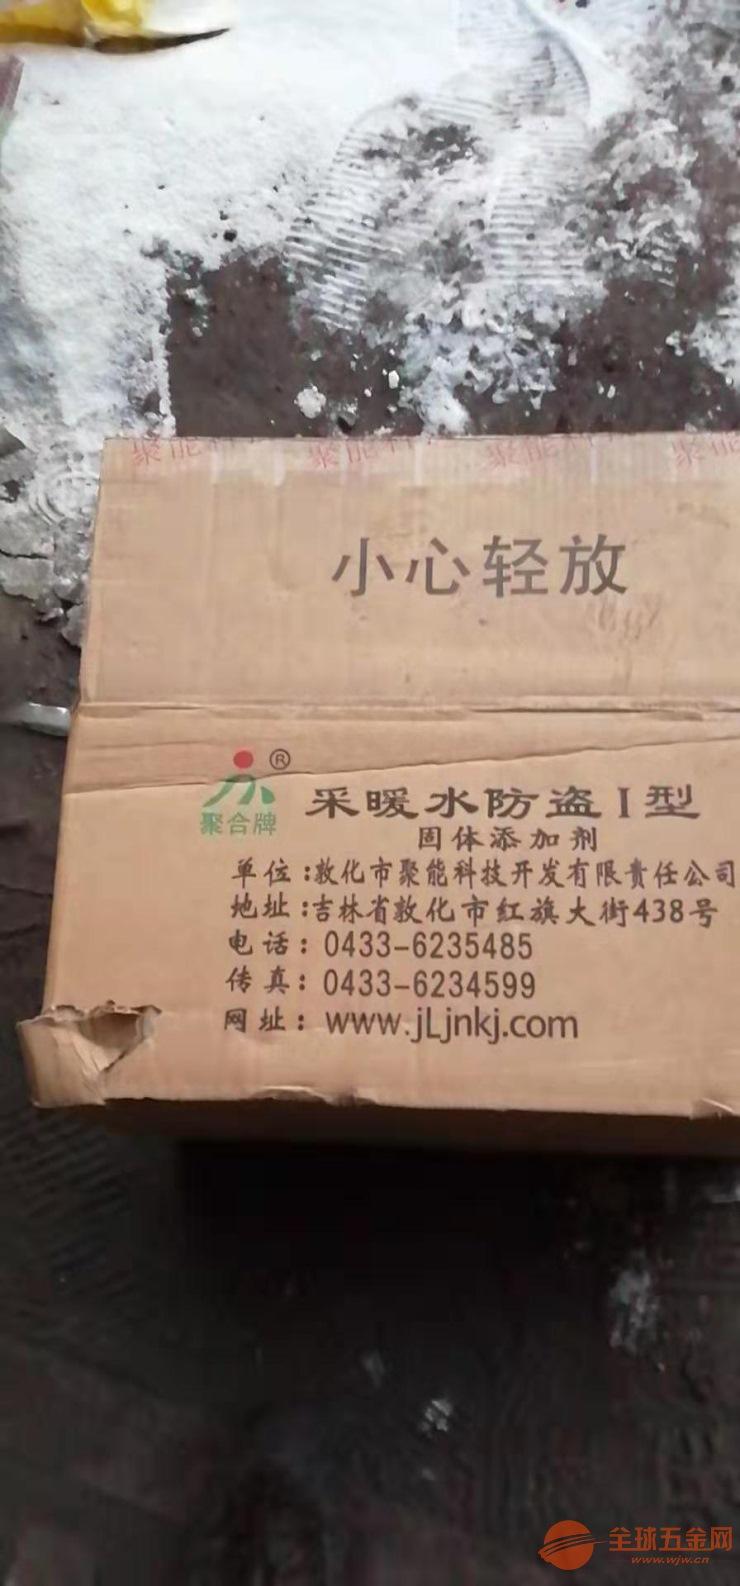 和布克赛尔蒙古自治县锅炉除垢剂哪家买